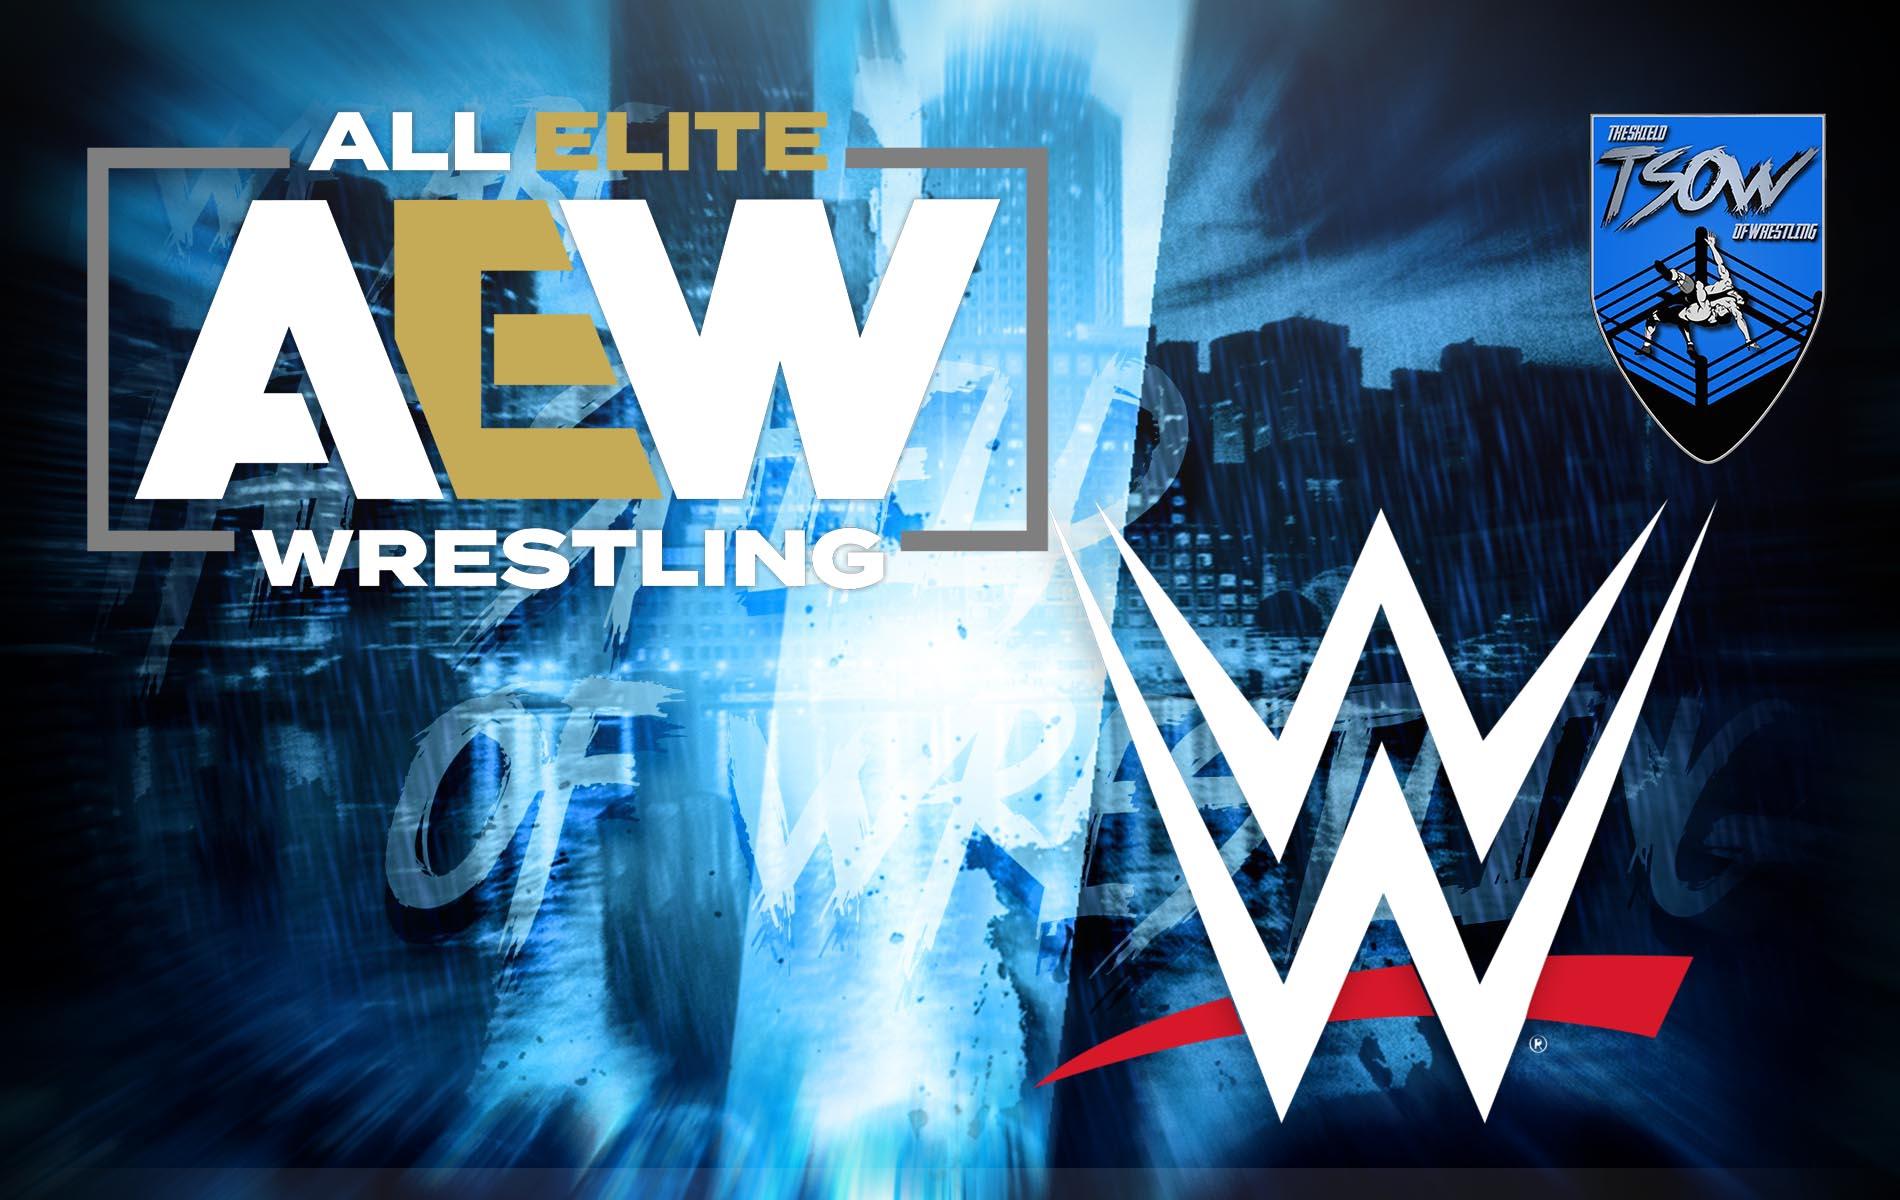 Eric Bischoff parla della possibile collaborazione WWE - AEW